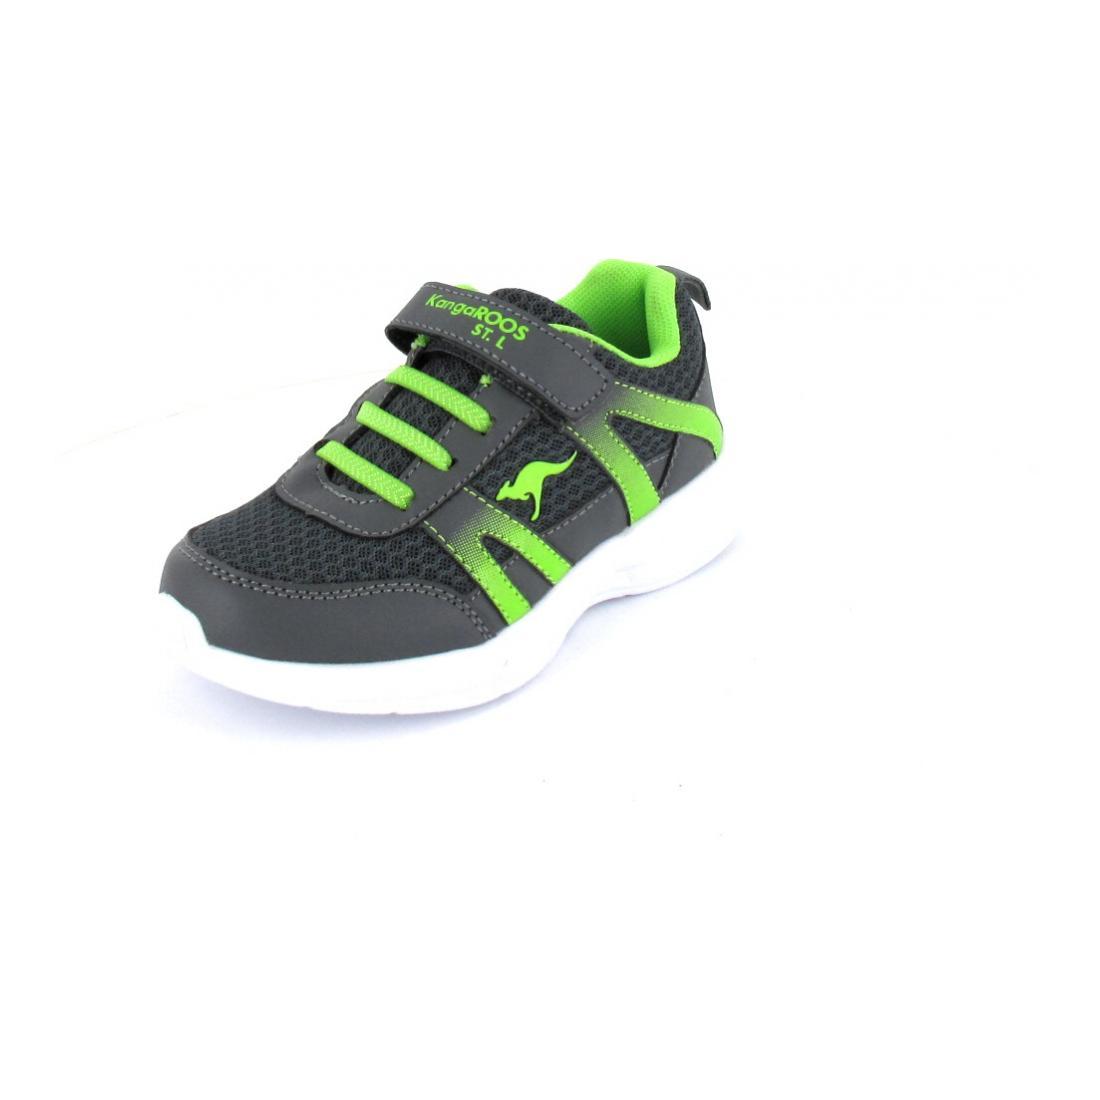 KangaRoos Sneaker low INKO EV